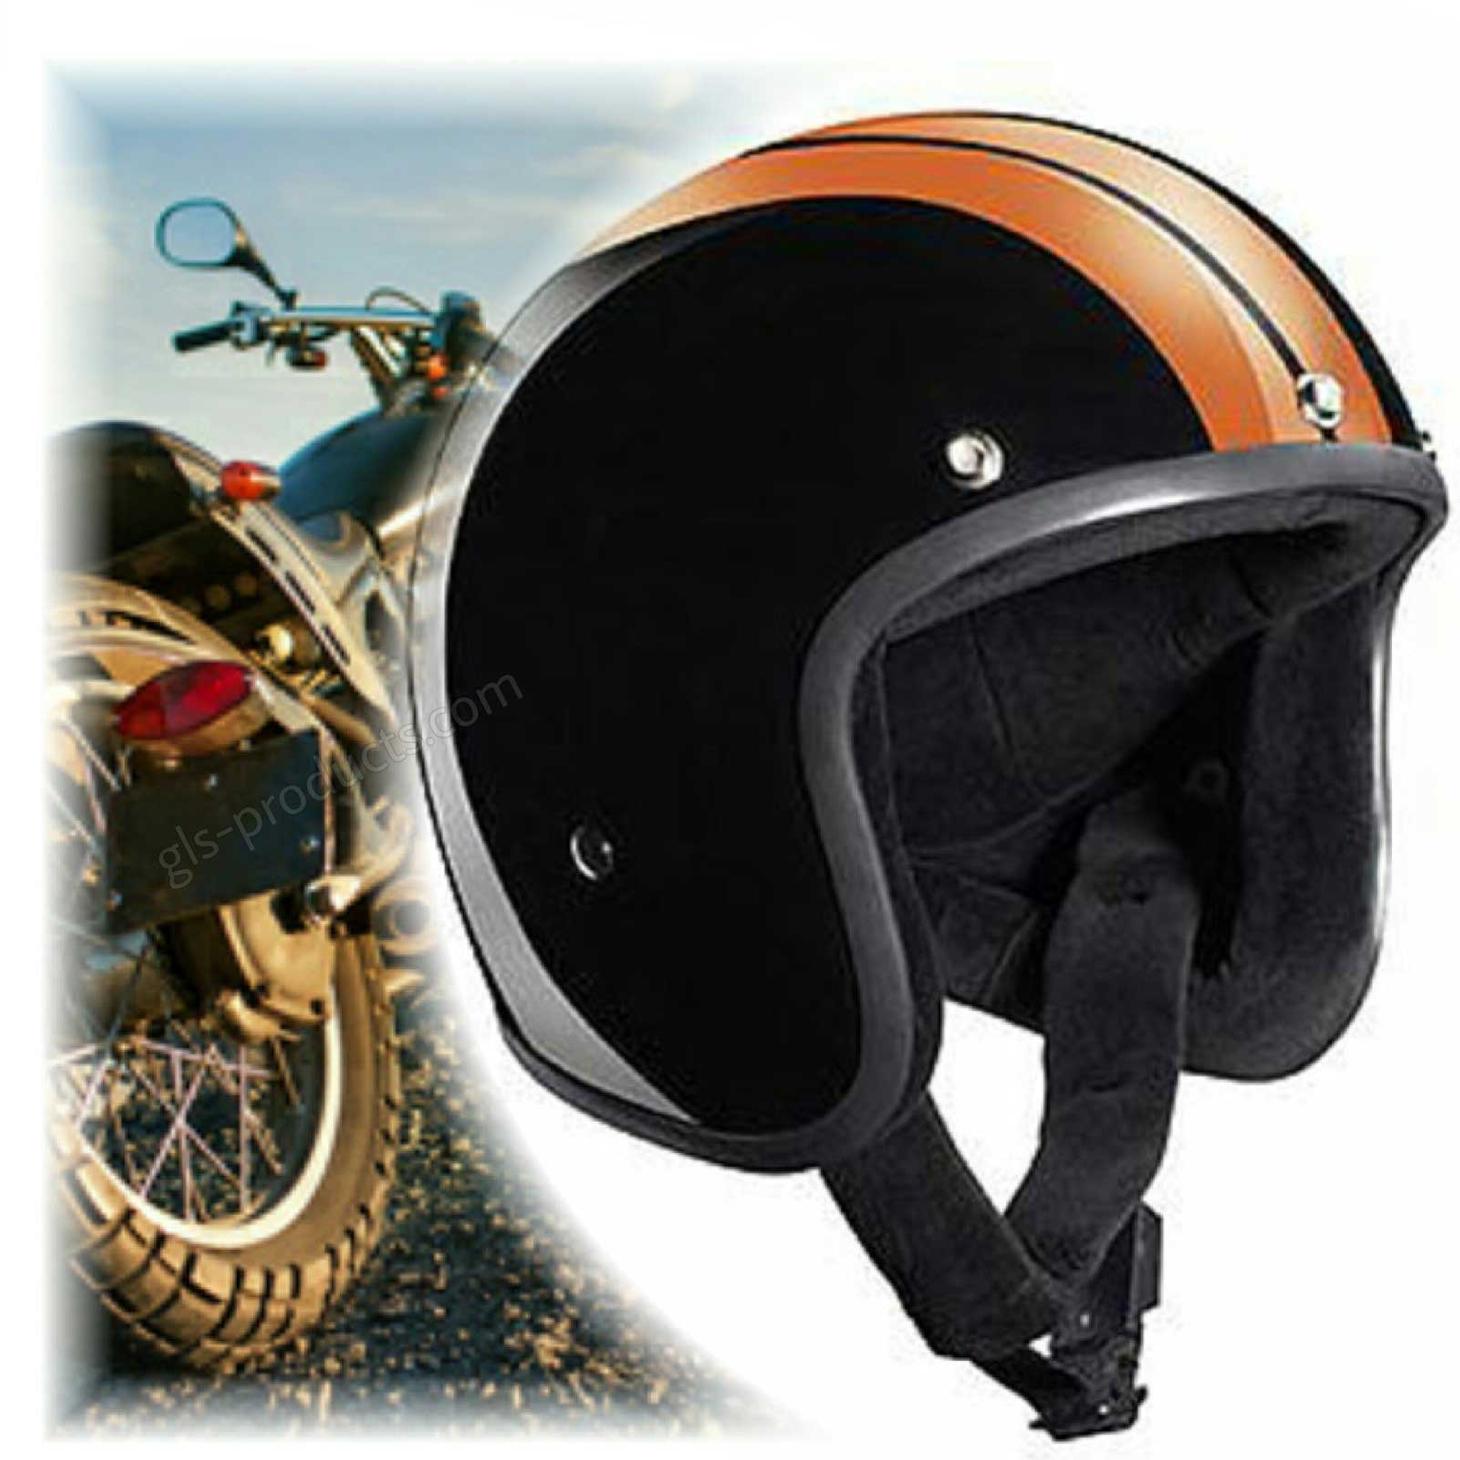 Bandit Race Jet Helmet - Classic Motorcycle Helmet